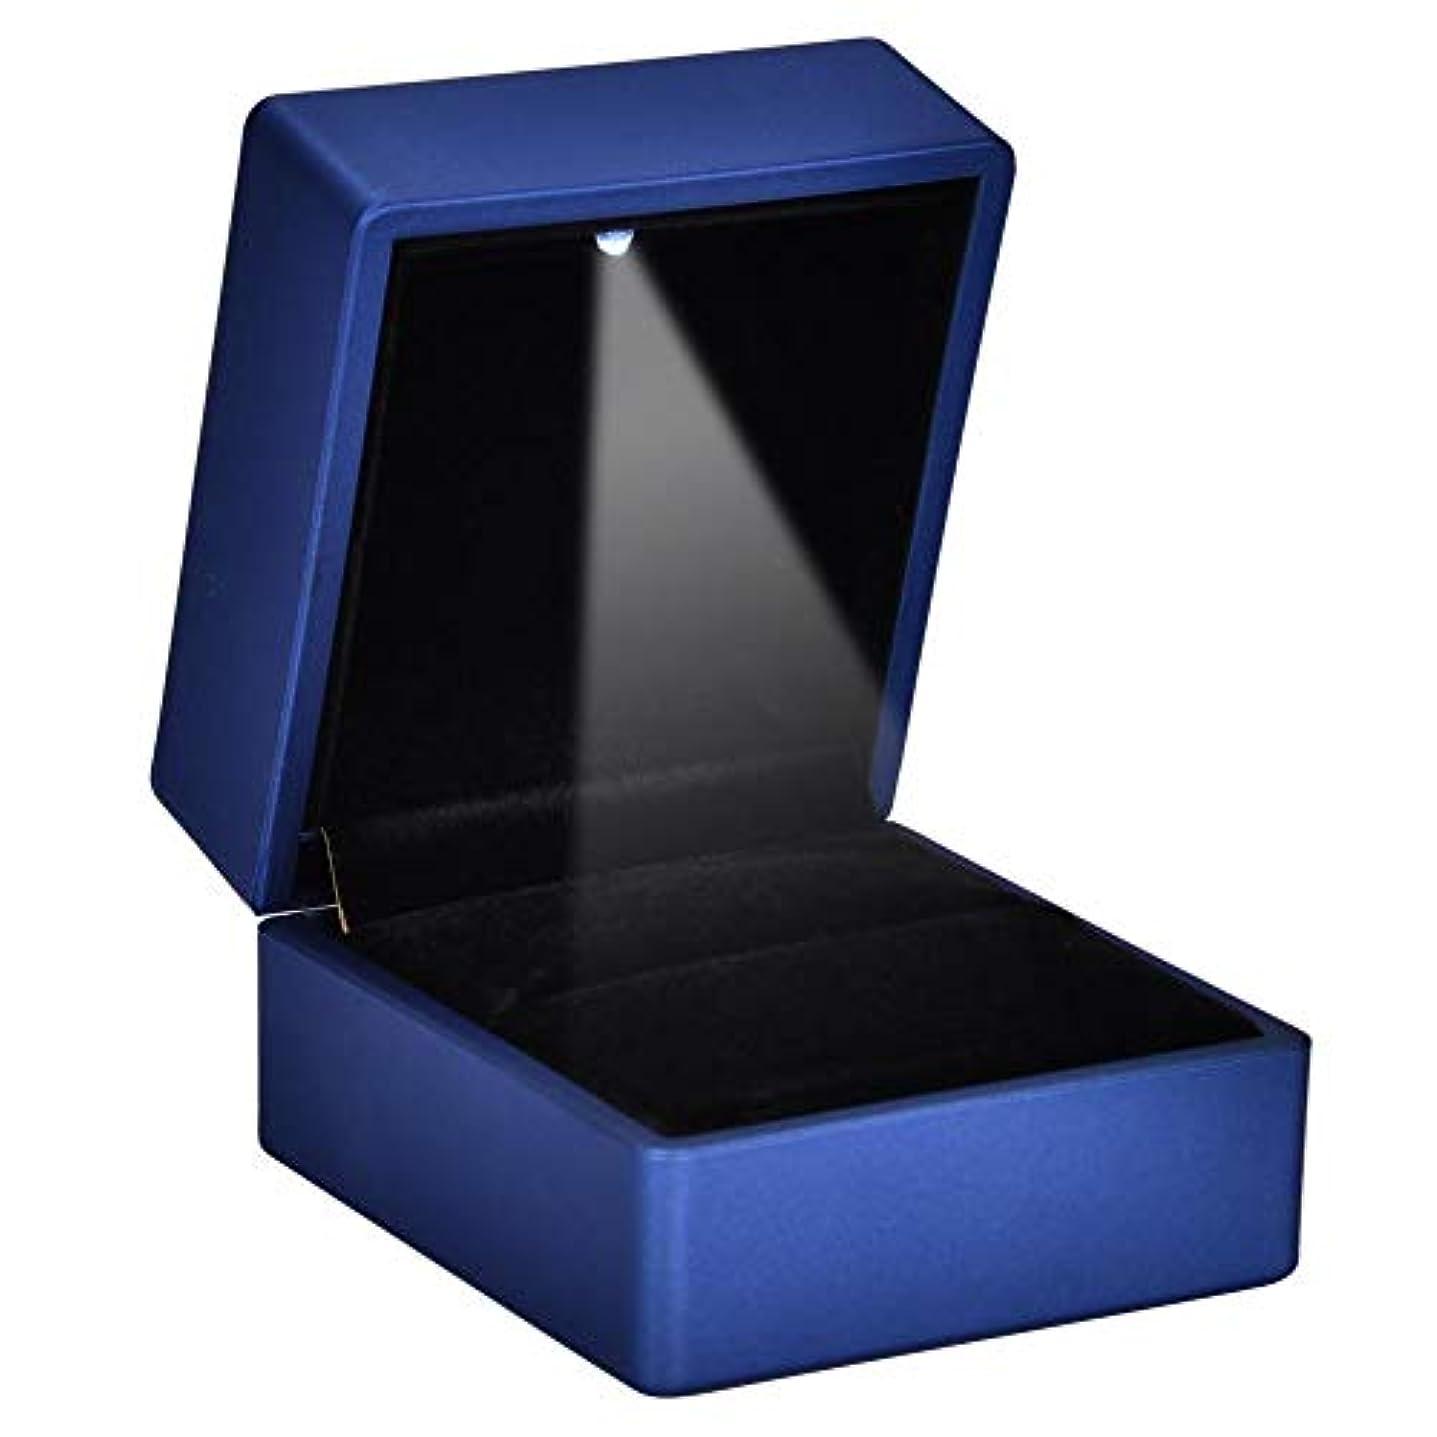 支店ブリリアント母性2種類ファッショナブルなLEDリングボックス - 内部LED照明付きリングケース、ジュエリーホルダーリング収納ケース、結婚式の提案(ブルー-90 * 70 * 35)